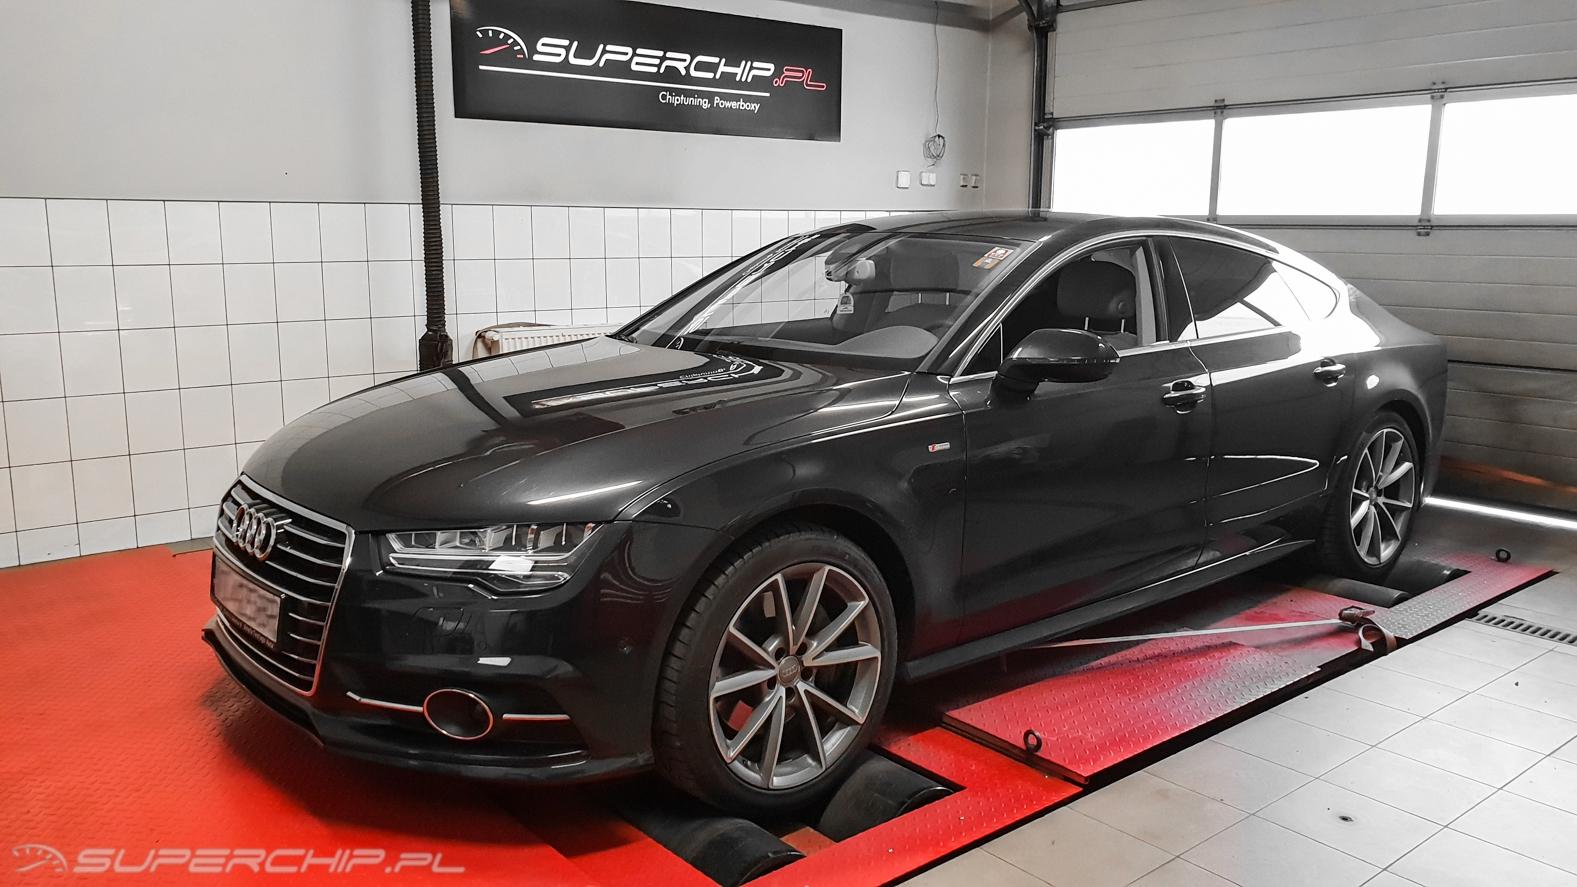 Powerbox  Audi A7 2.0 TFSI 252 KM 185 kW